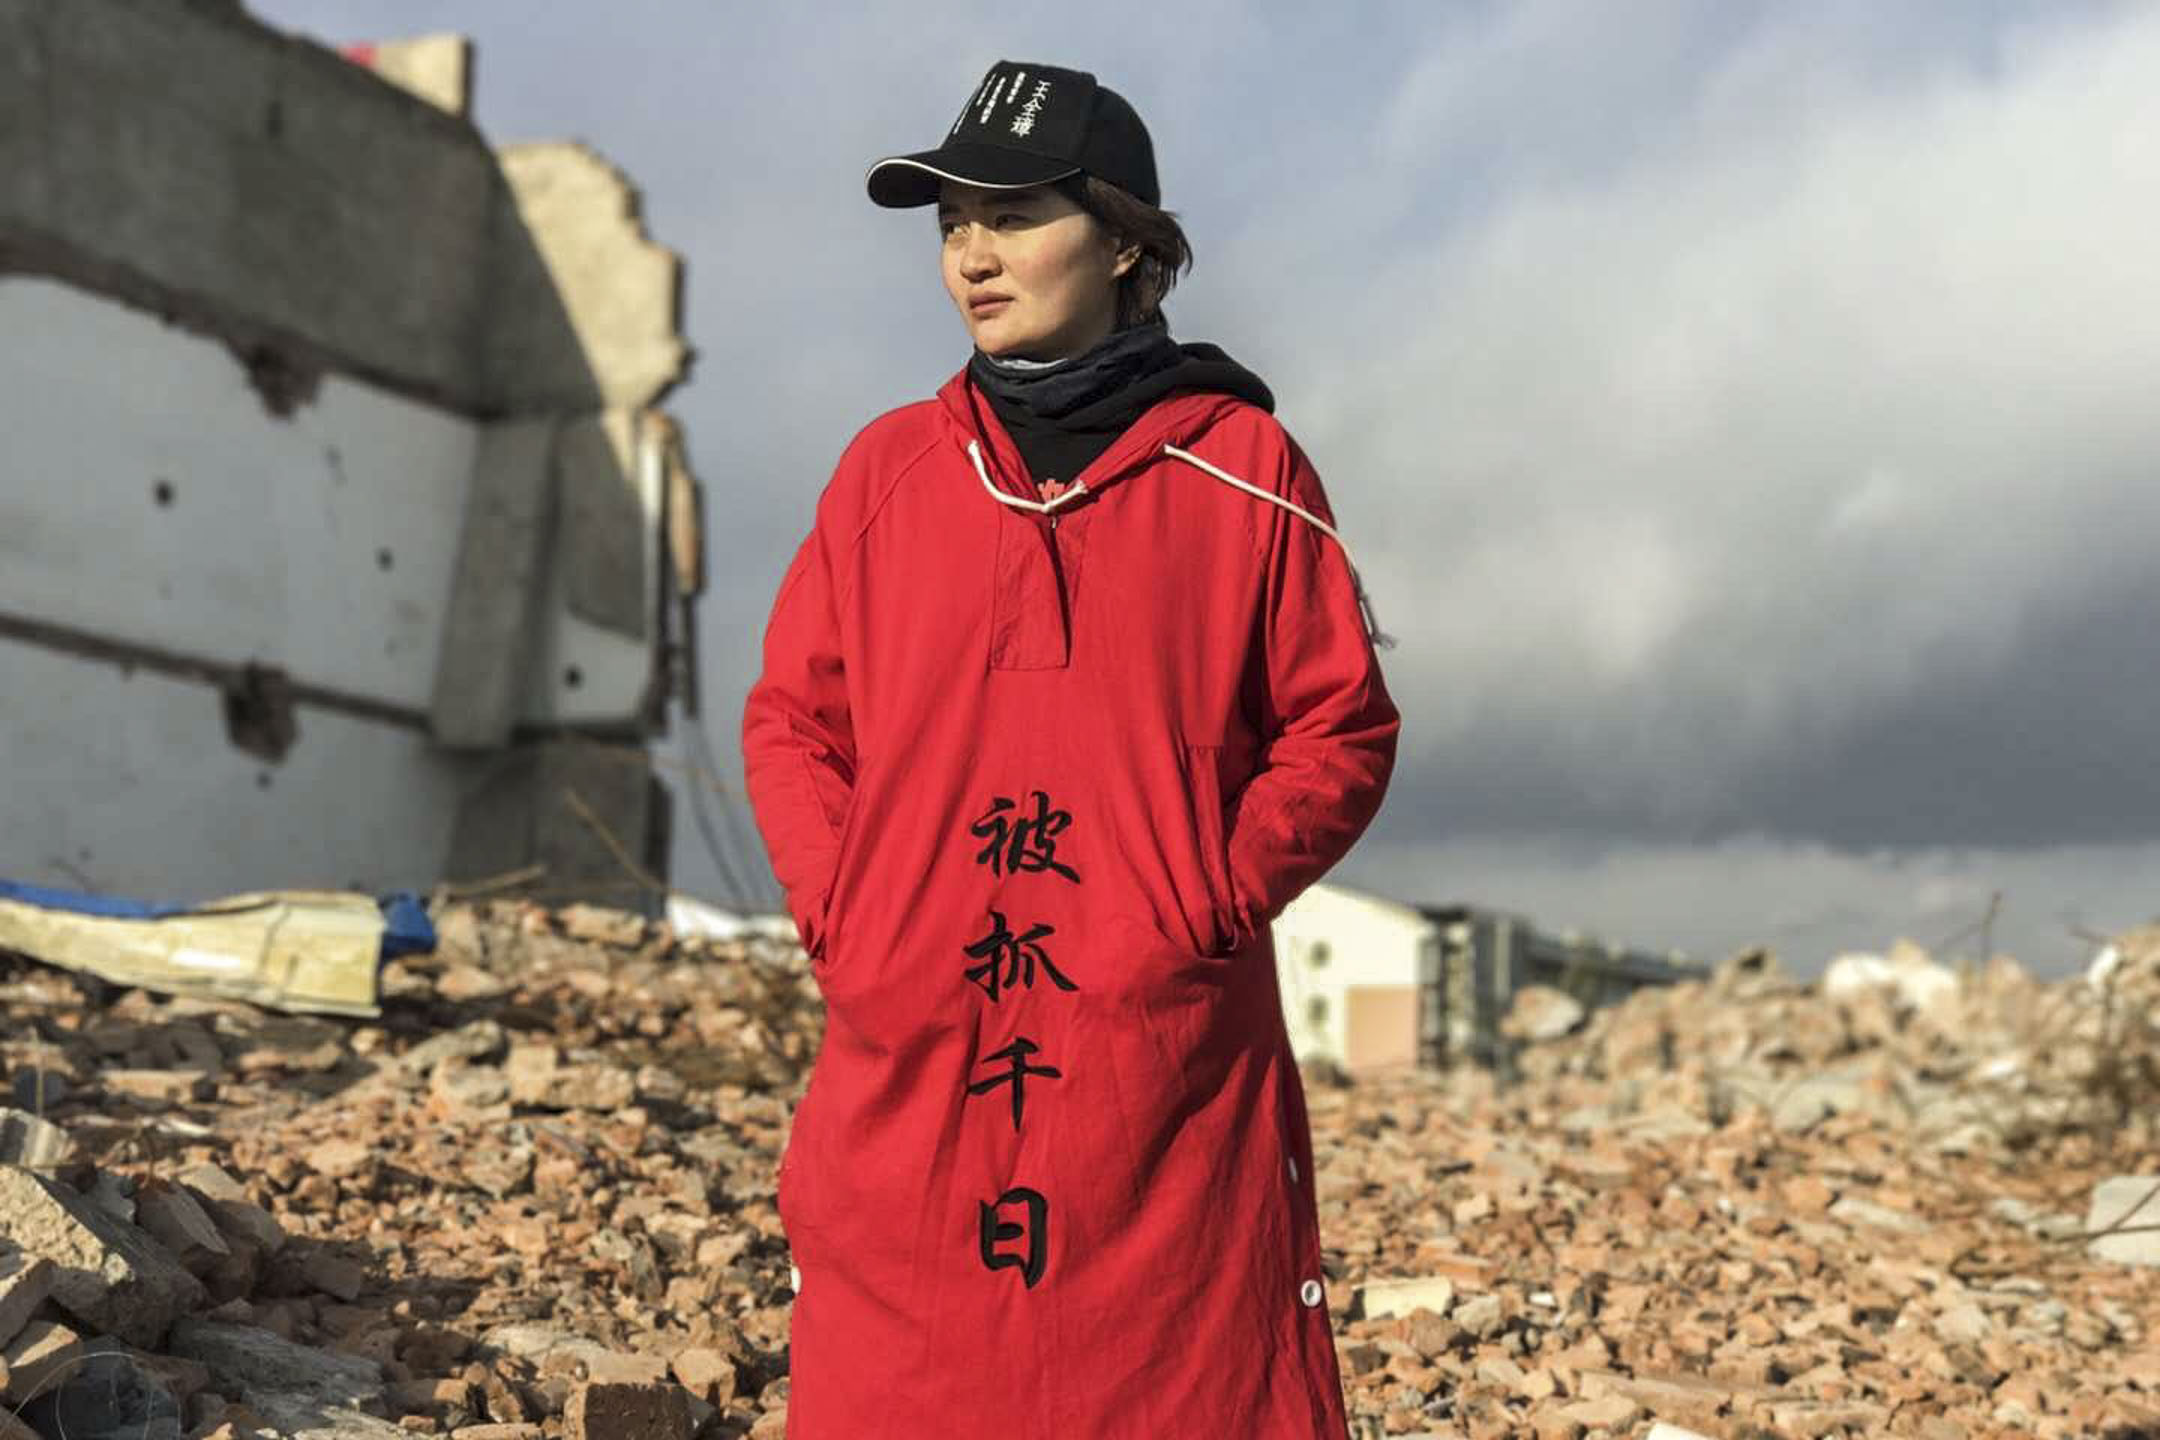 李文足站在剛剛被拆遷、滿目蒼夷的廢墟上,帶着憂傷的笑容,照片上的她,眼睛裏似乎有淚,大紅的衣服上,繡着幾個黑字:「被抓千日」。 圖:受訪者提供